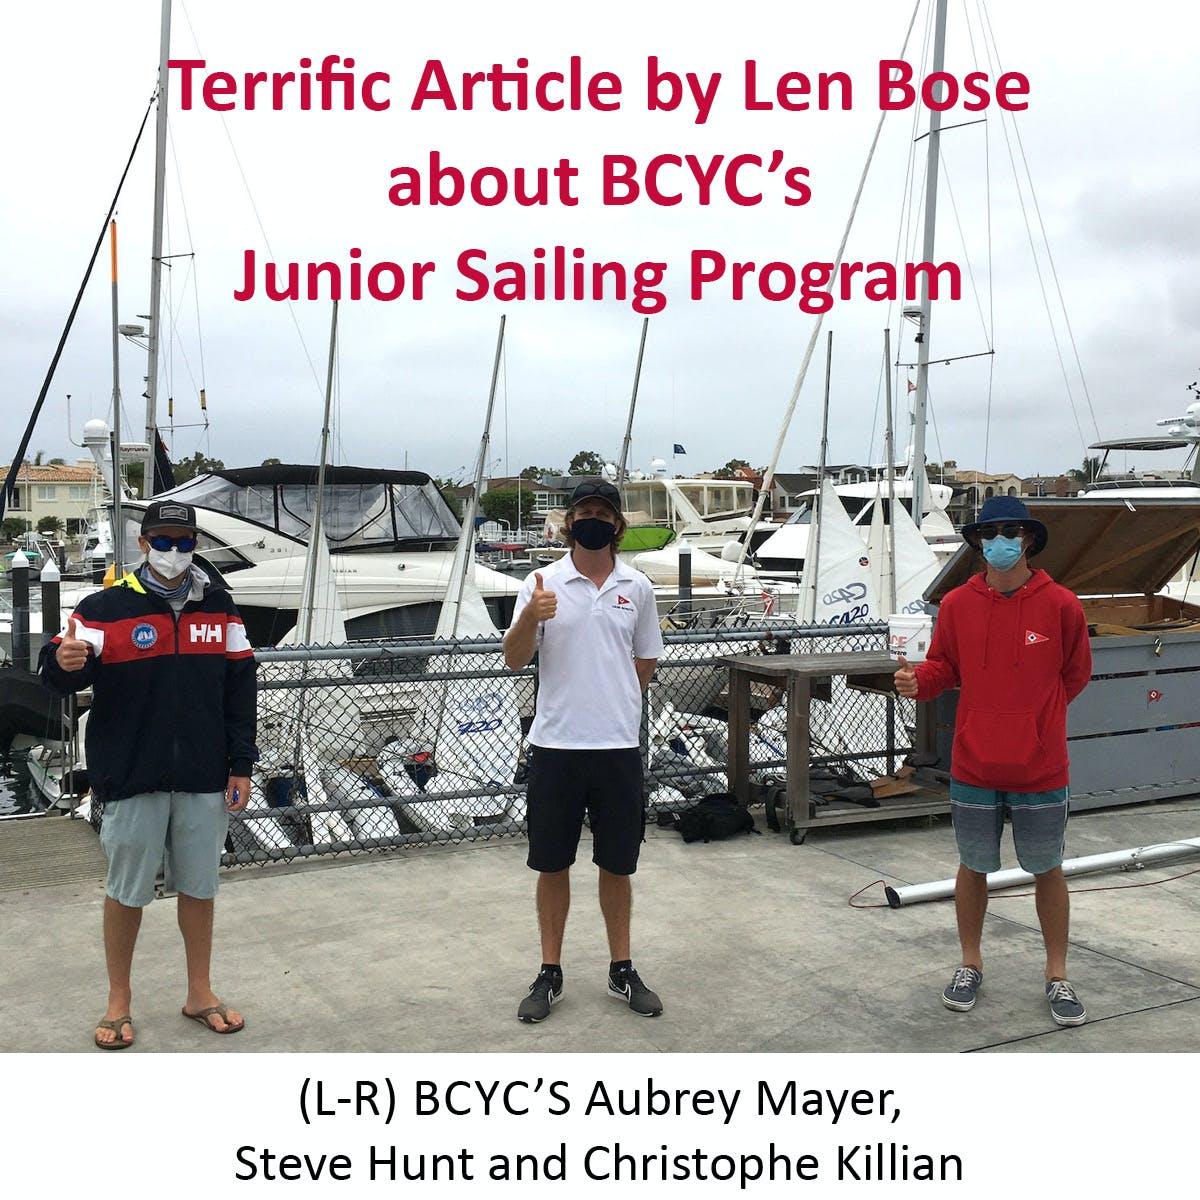 Jr. Sailing Dream Team